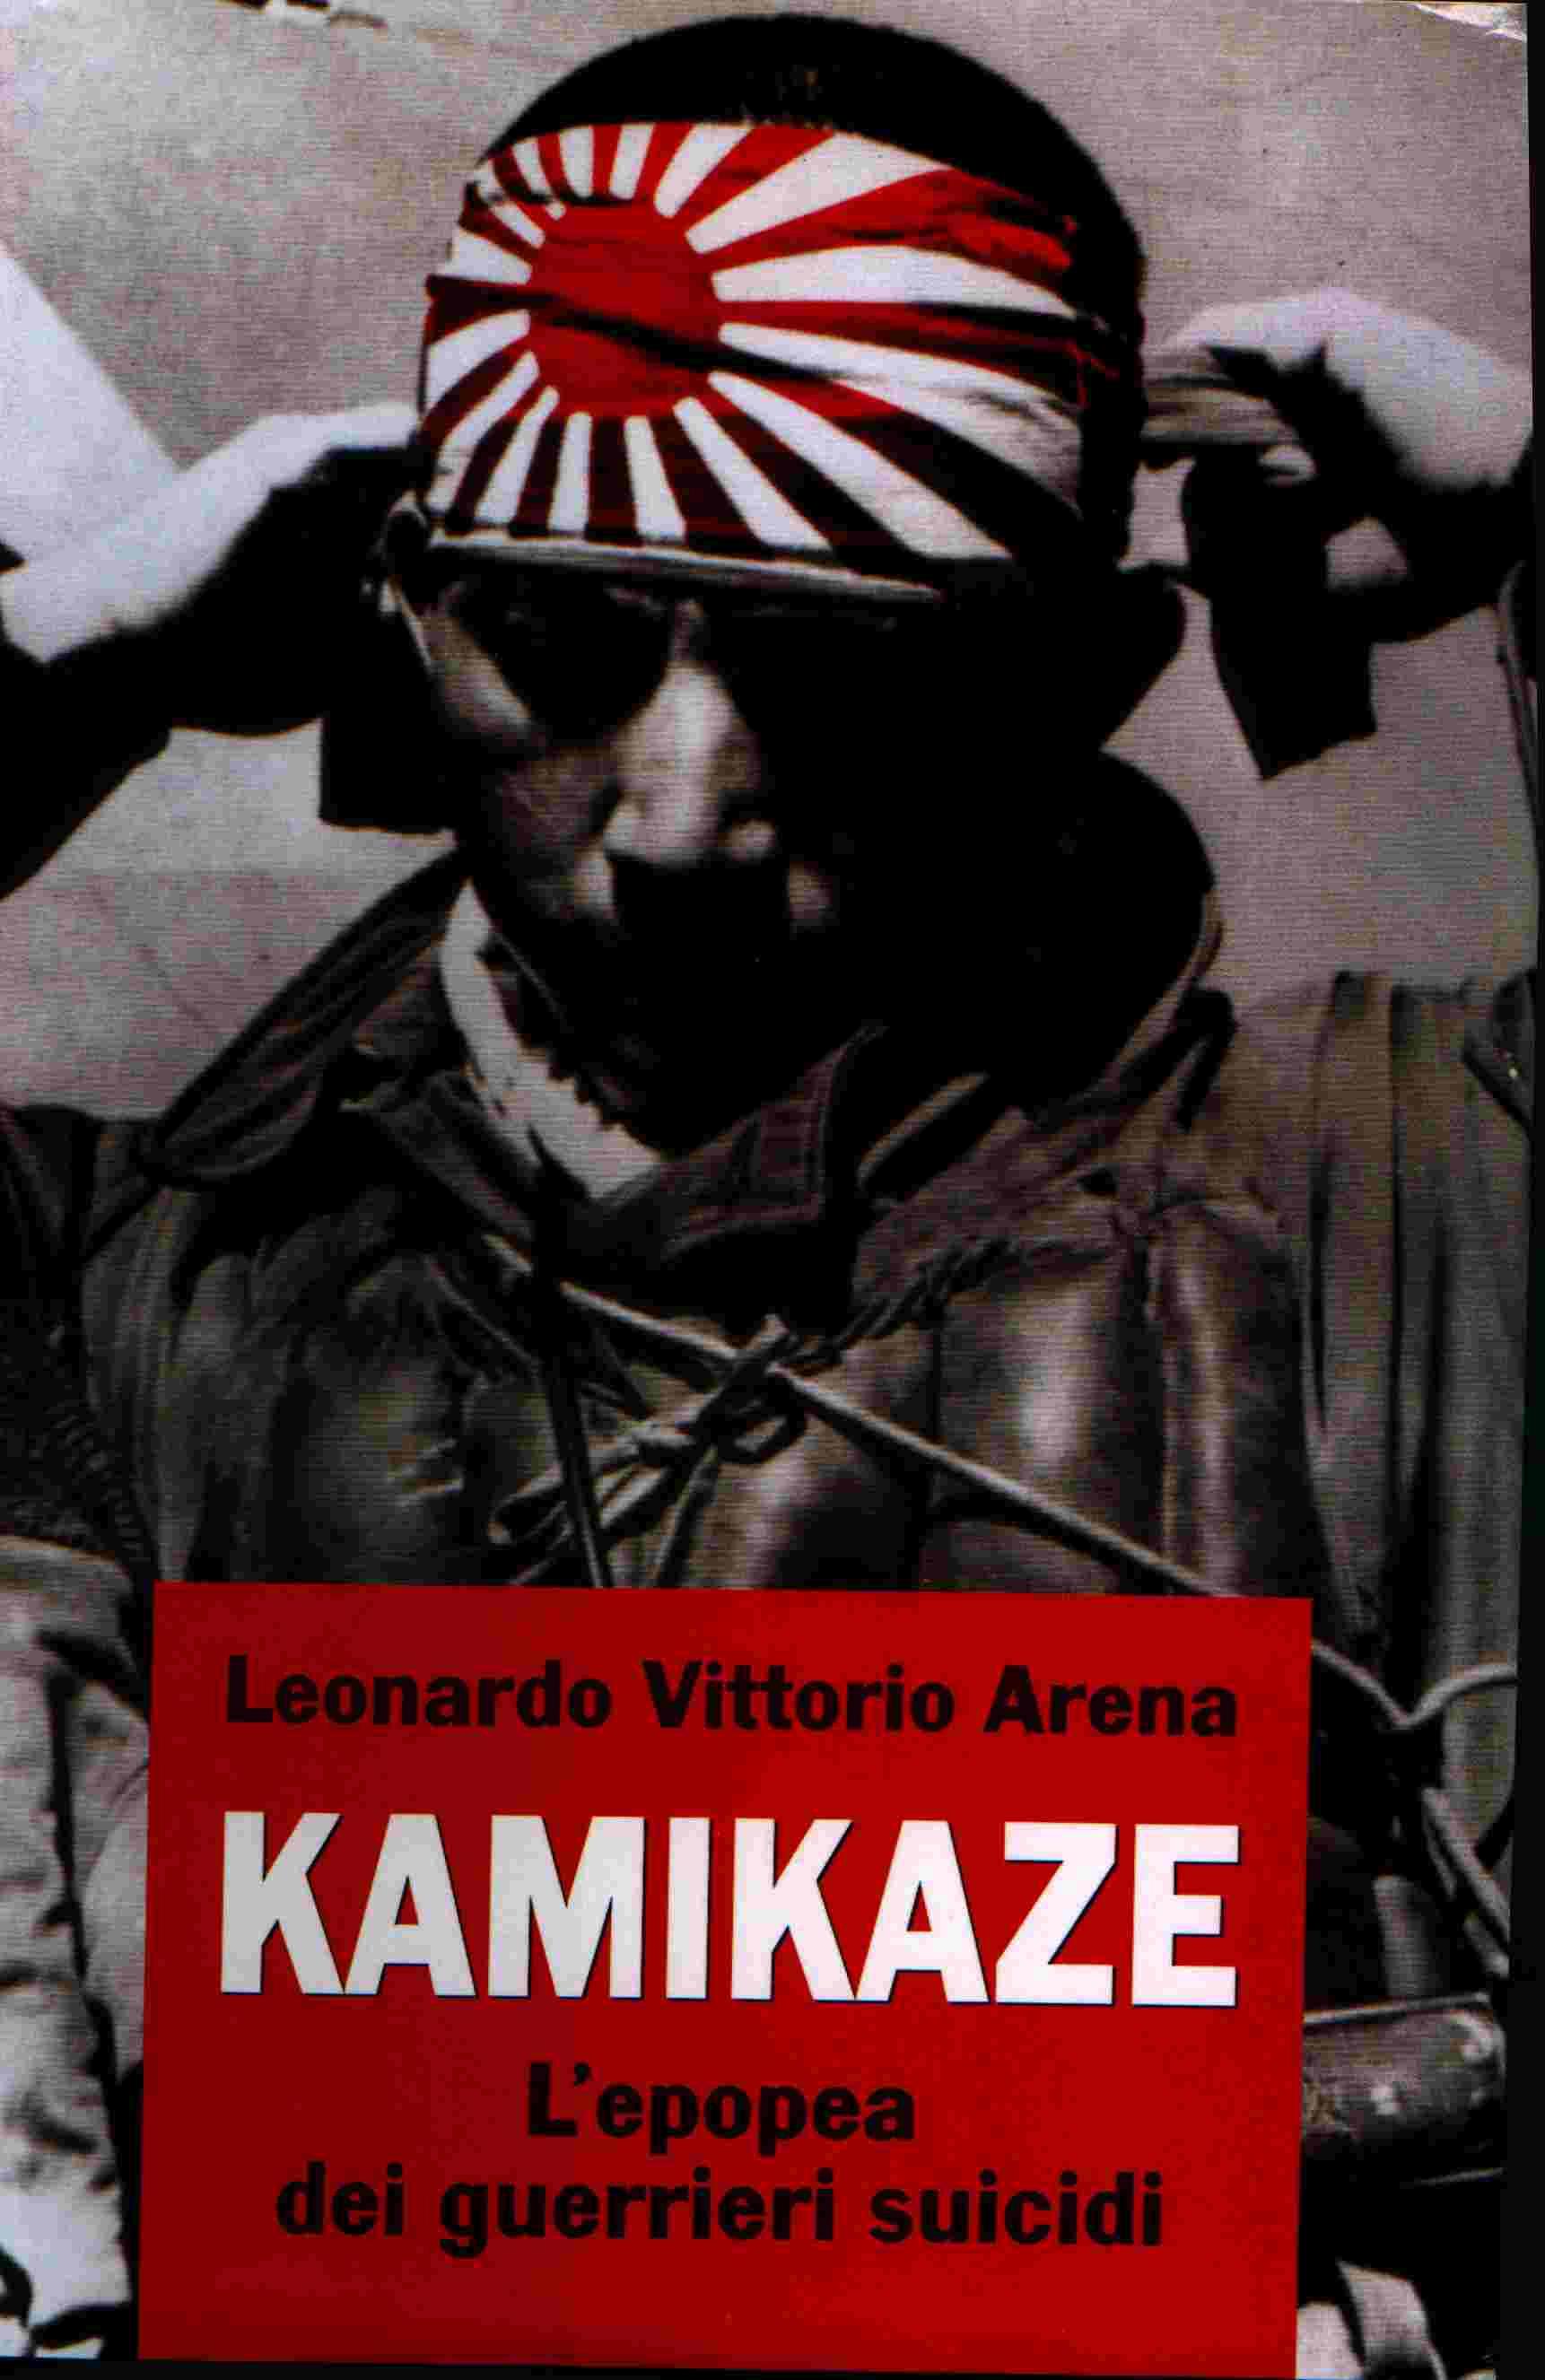 Personnes célèbres réelles ou imaginaires - Page 6 Kamikaze